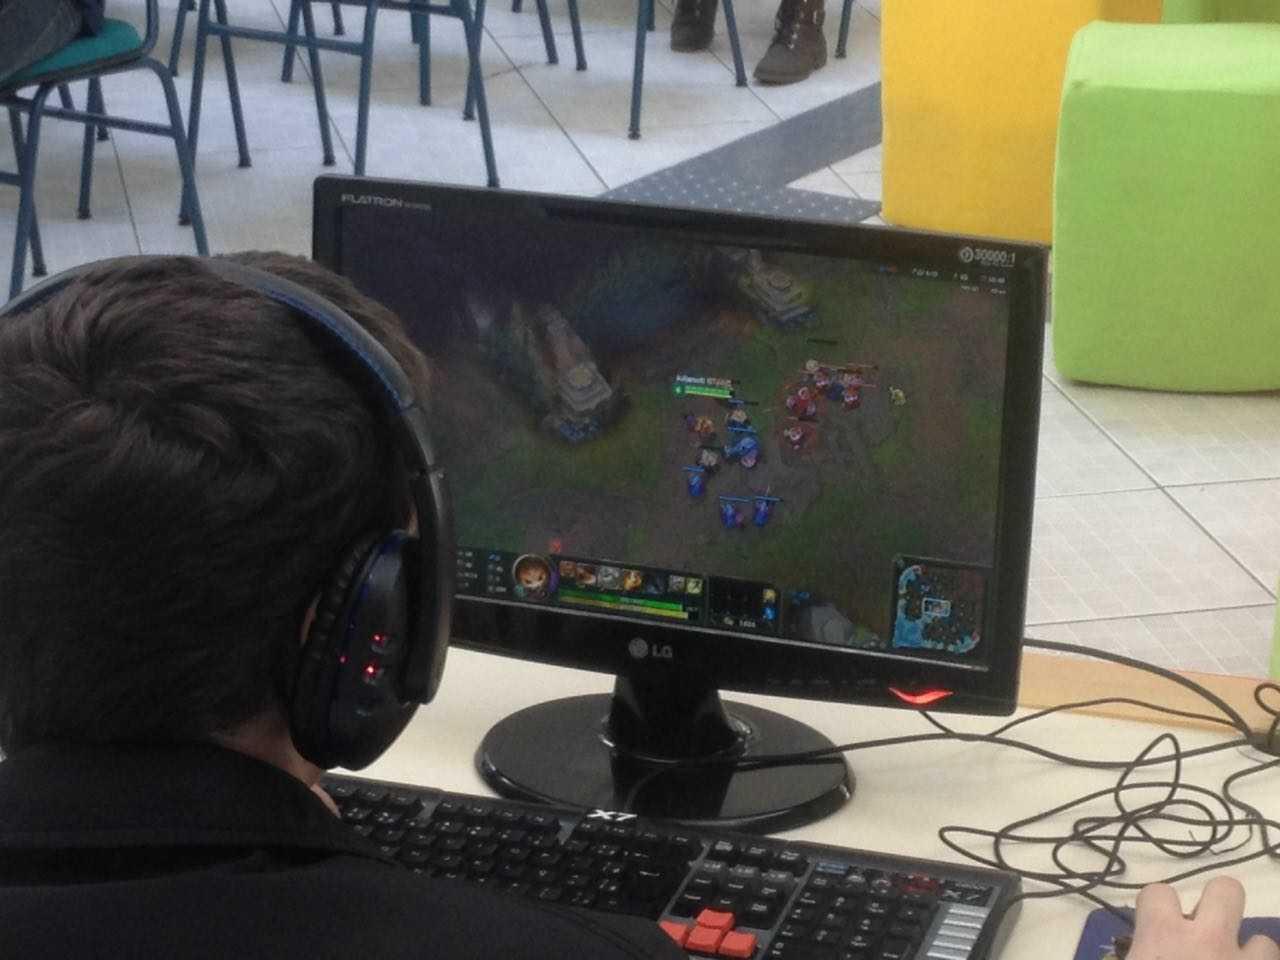 Atividade lúdica e interativa terá como resultado a produção de um jogo   Foto Divulgação/Fatenp